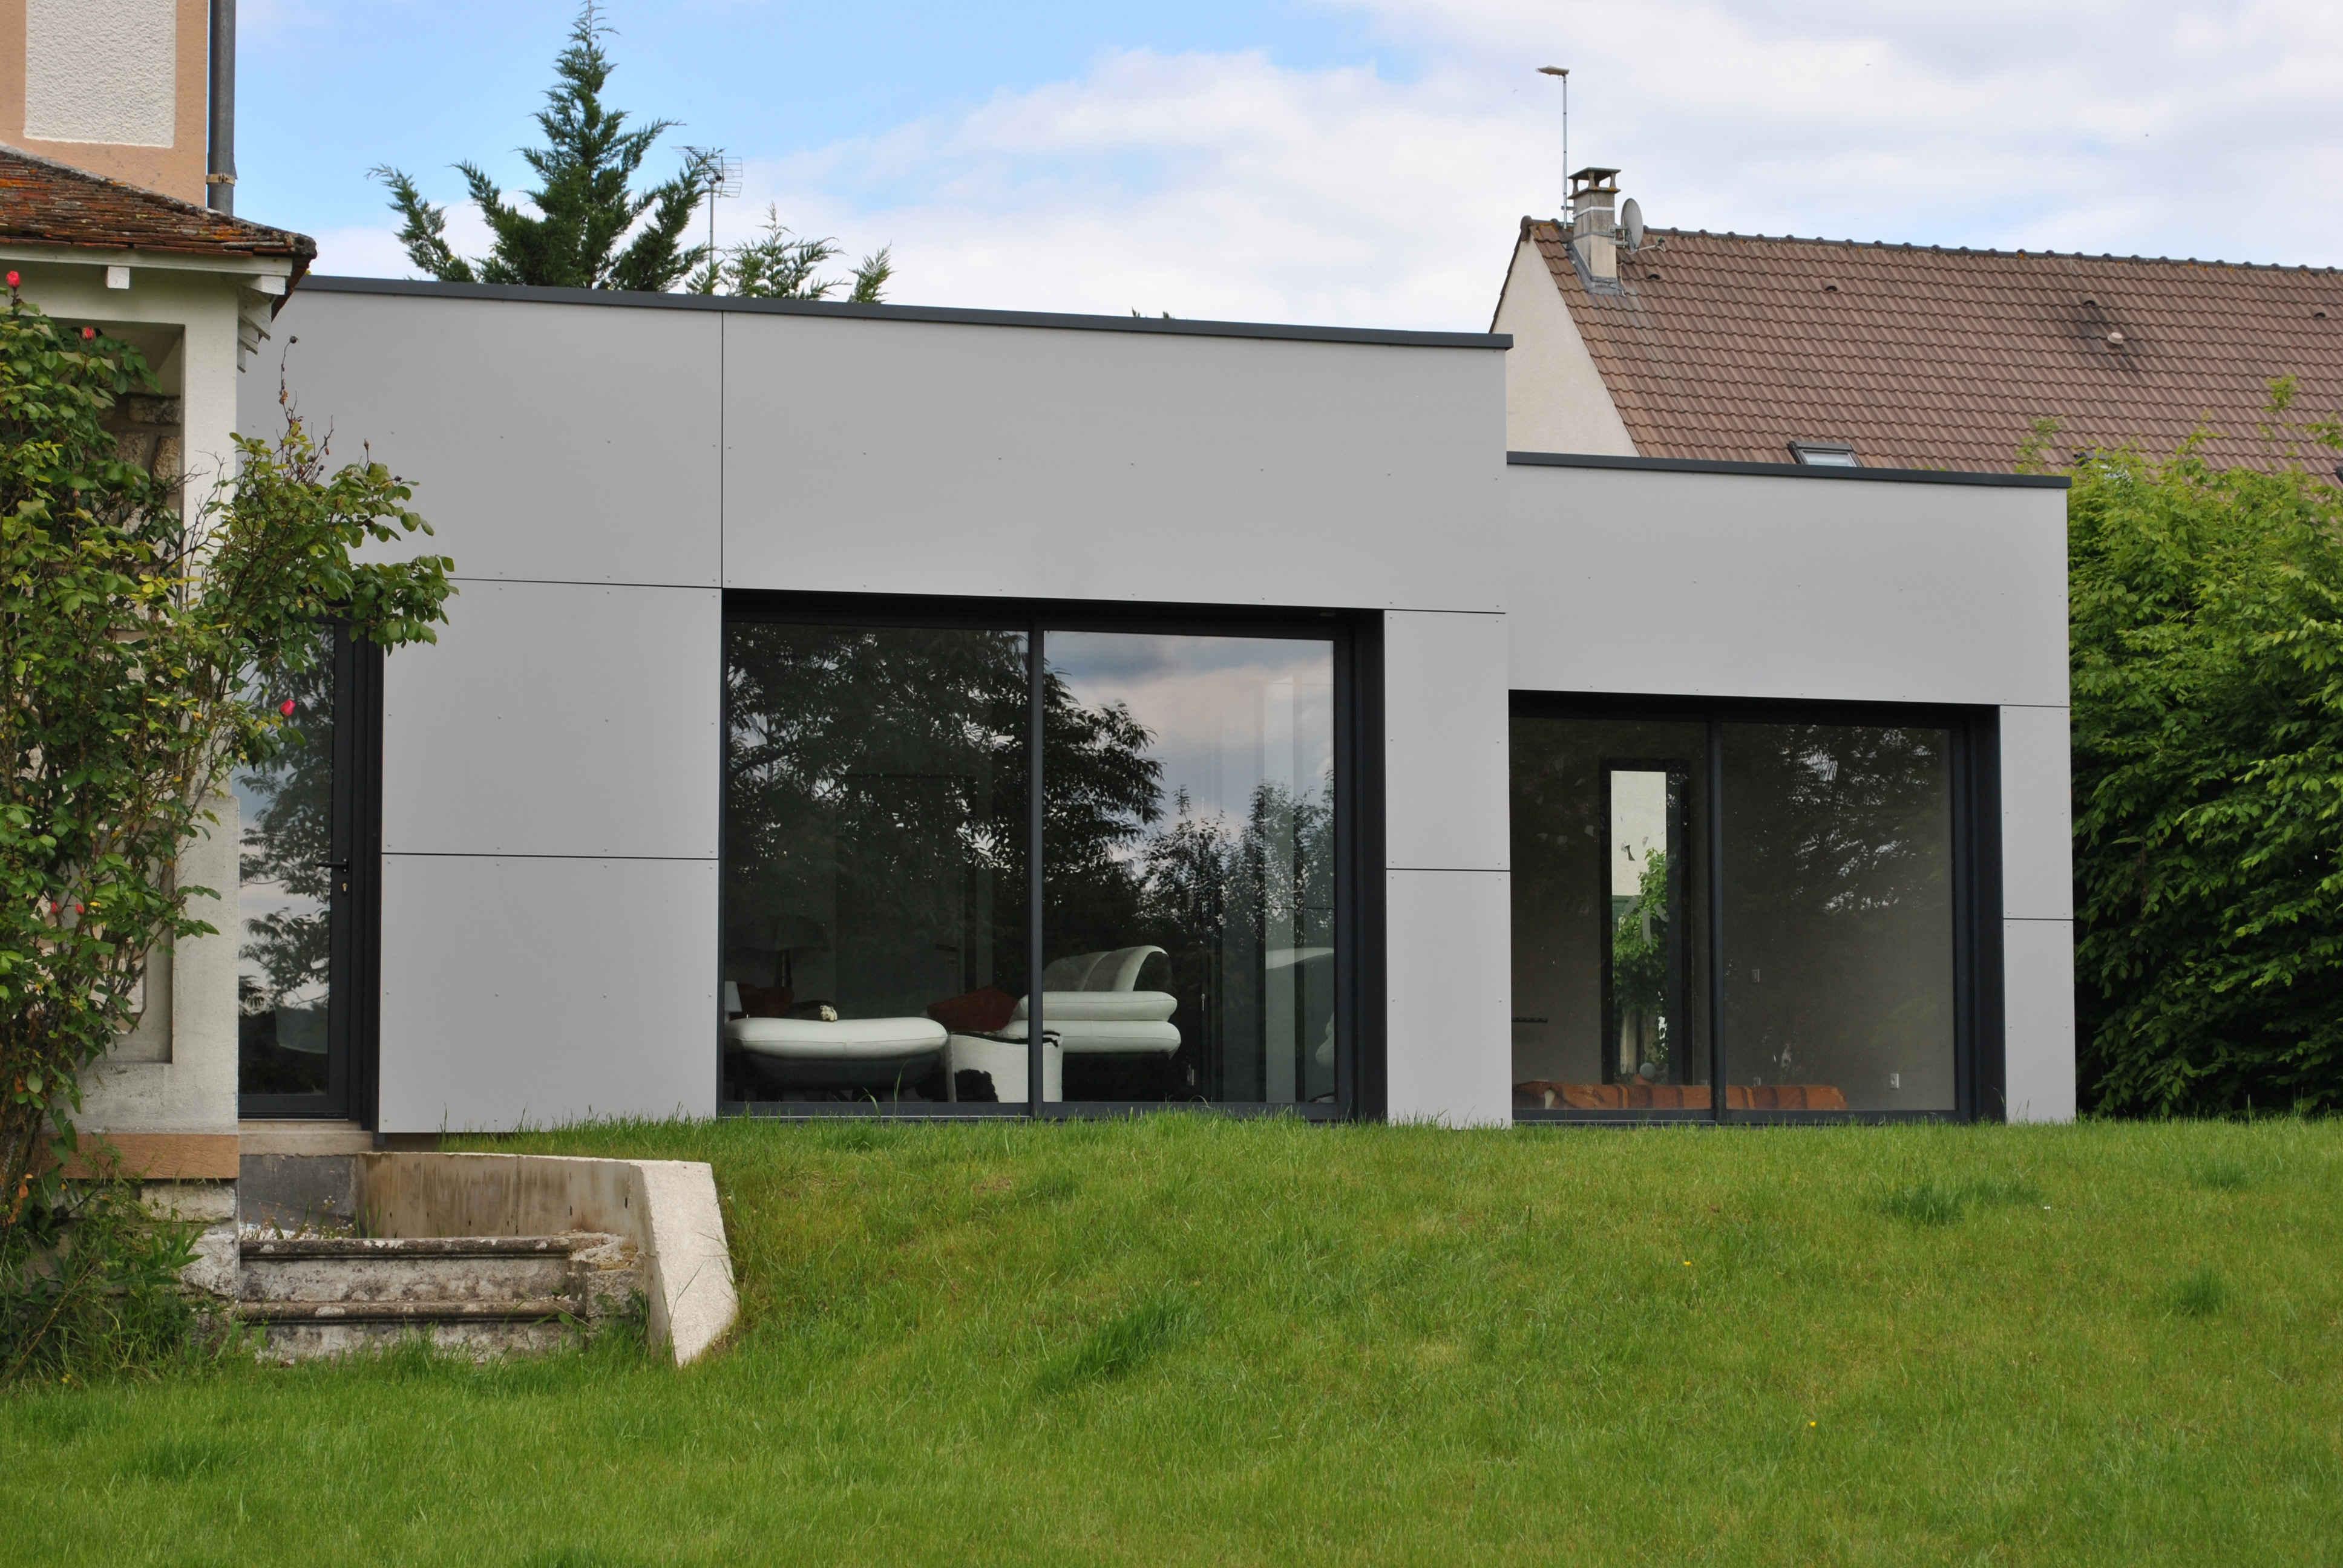 Maison Bois Contemporaine Ile De France u2013 Ventana Blog # Maison En Bois Ile De France